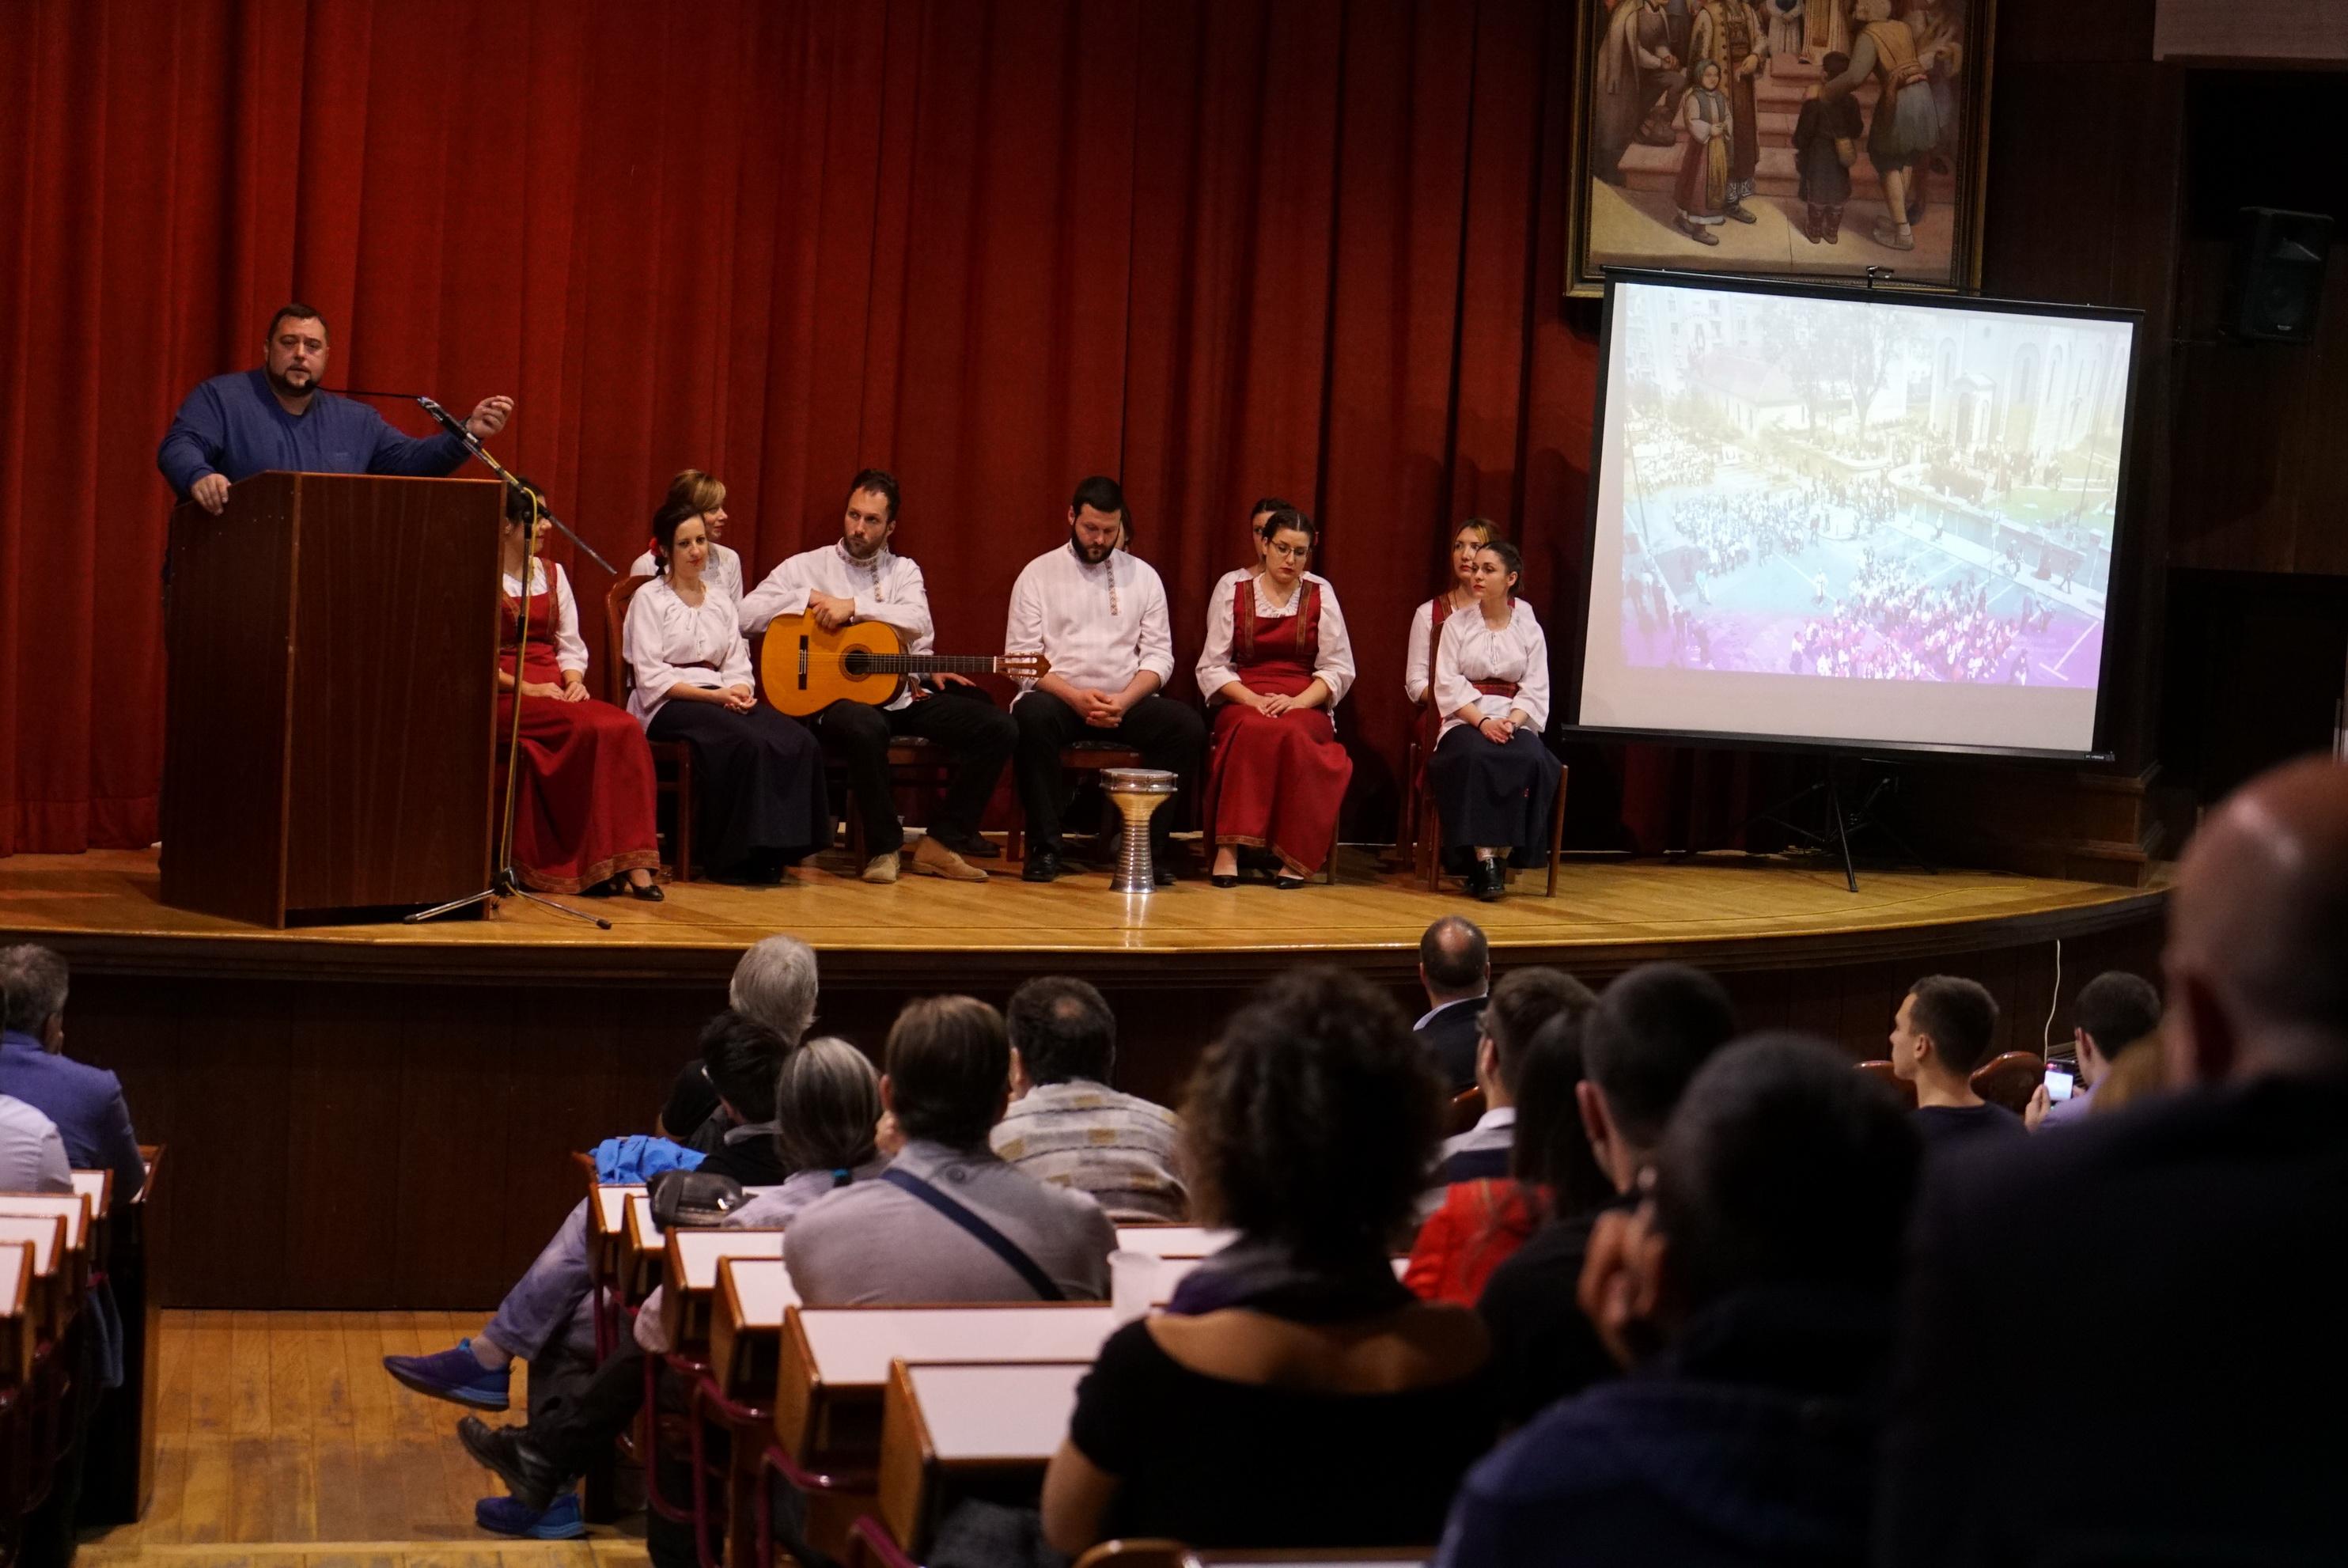 ПР Удружења Света Србија Душан Стикић представио је ово удружење